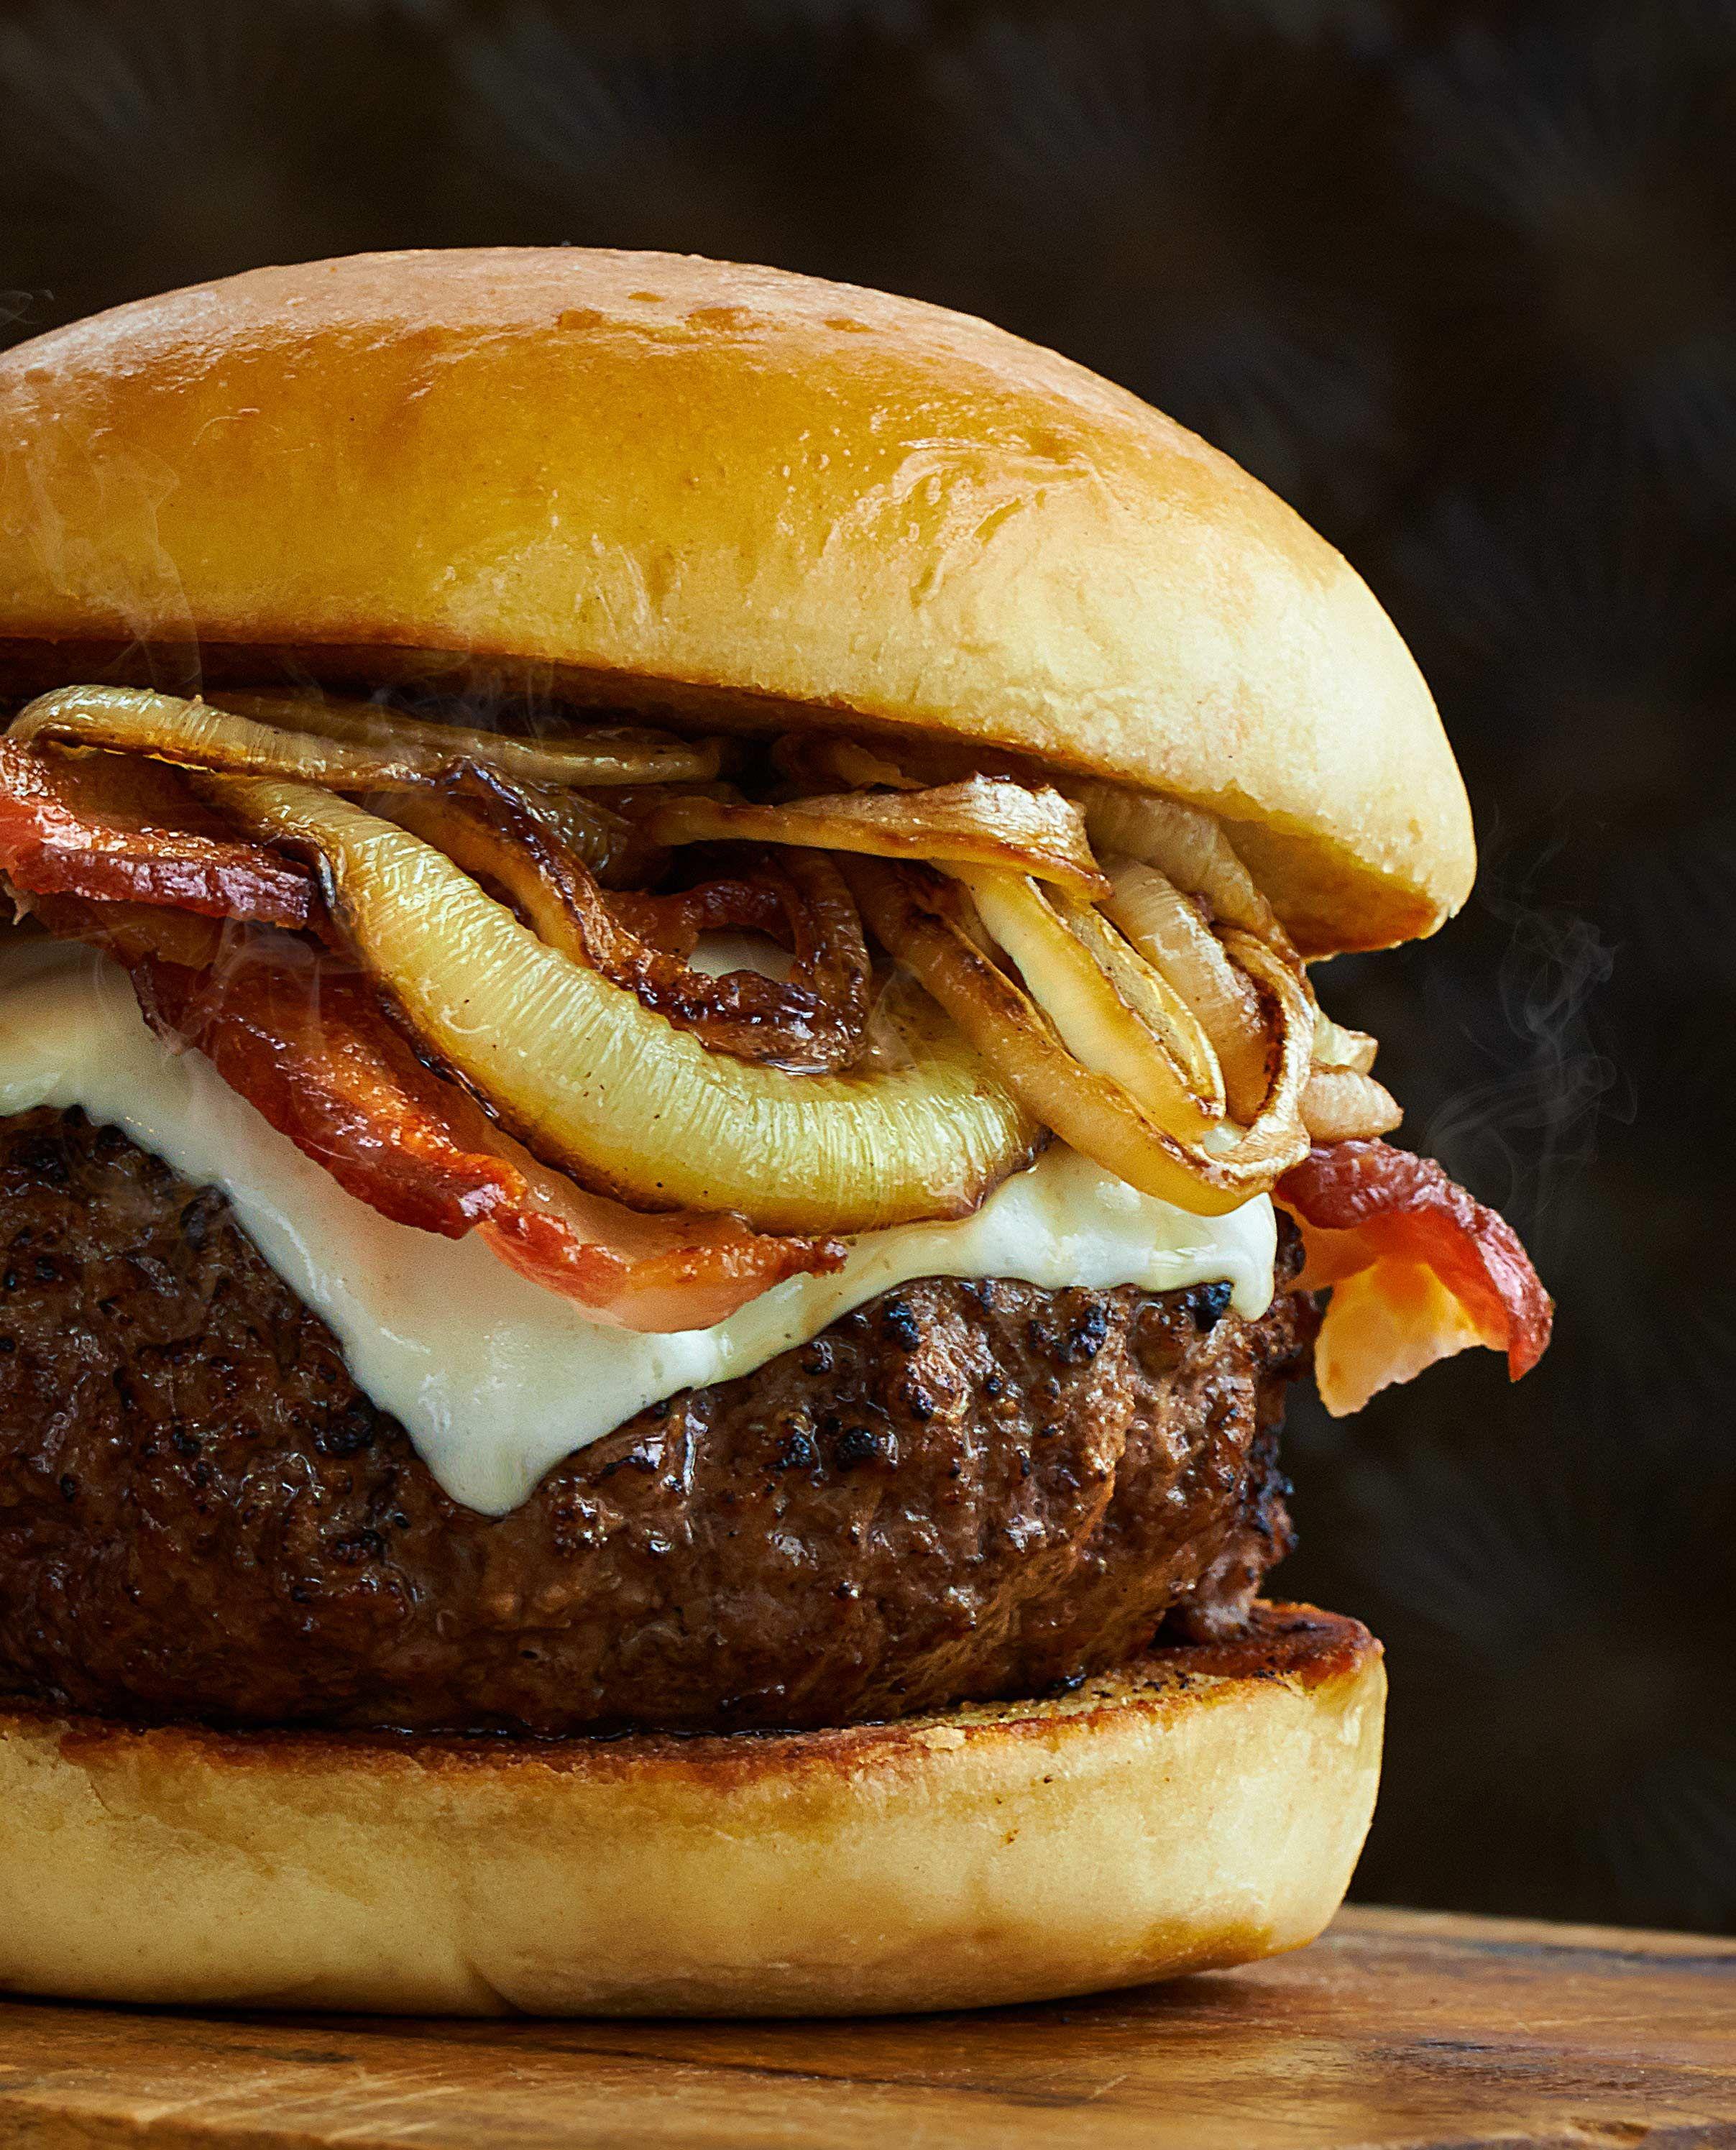 Burger2w-smoke.jpg